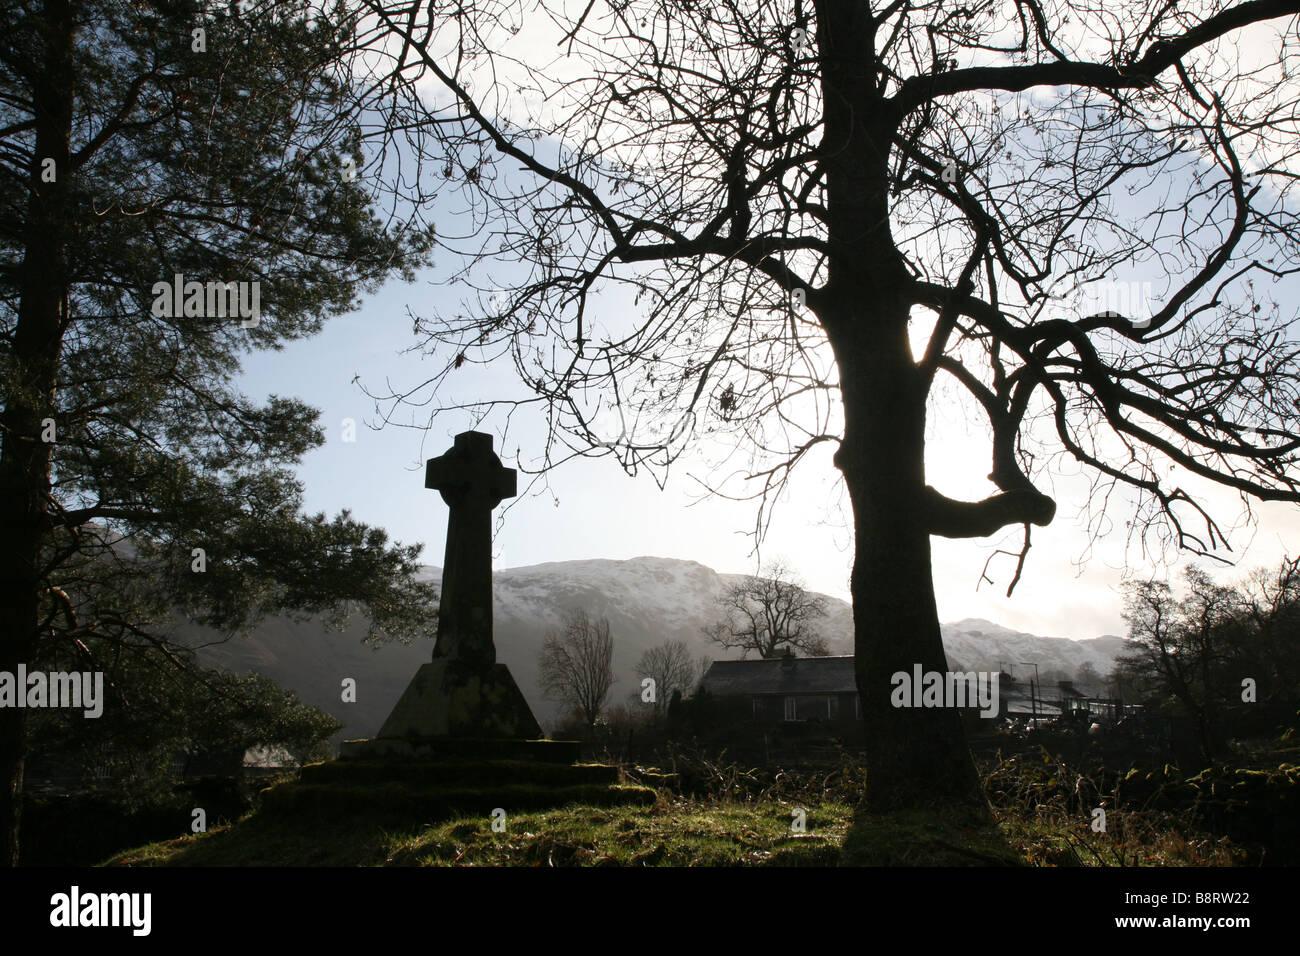 Pierre tombale et l'arbre dans la lumière du matin Photo Stock